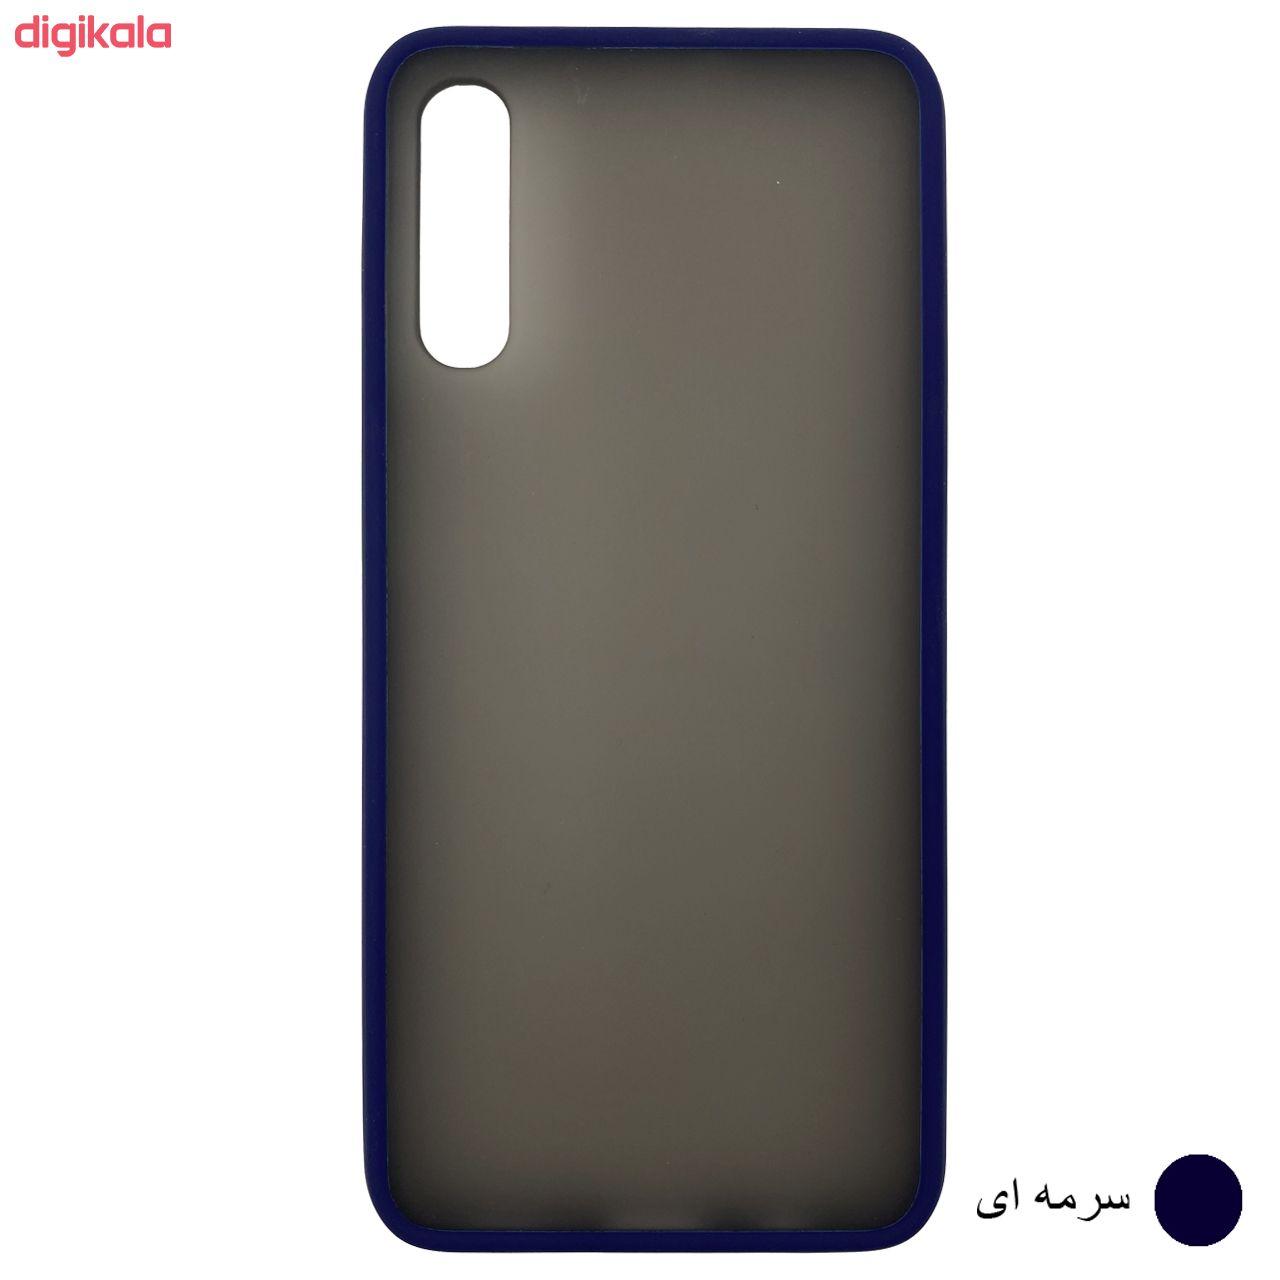 کاور مدل MTT مناسب برای گوشی موبایل سامسونگ Galaxy A50 / A50s / A30s main 1 2